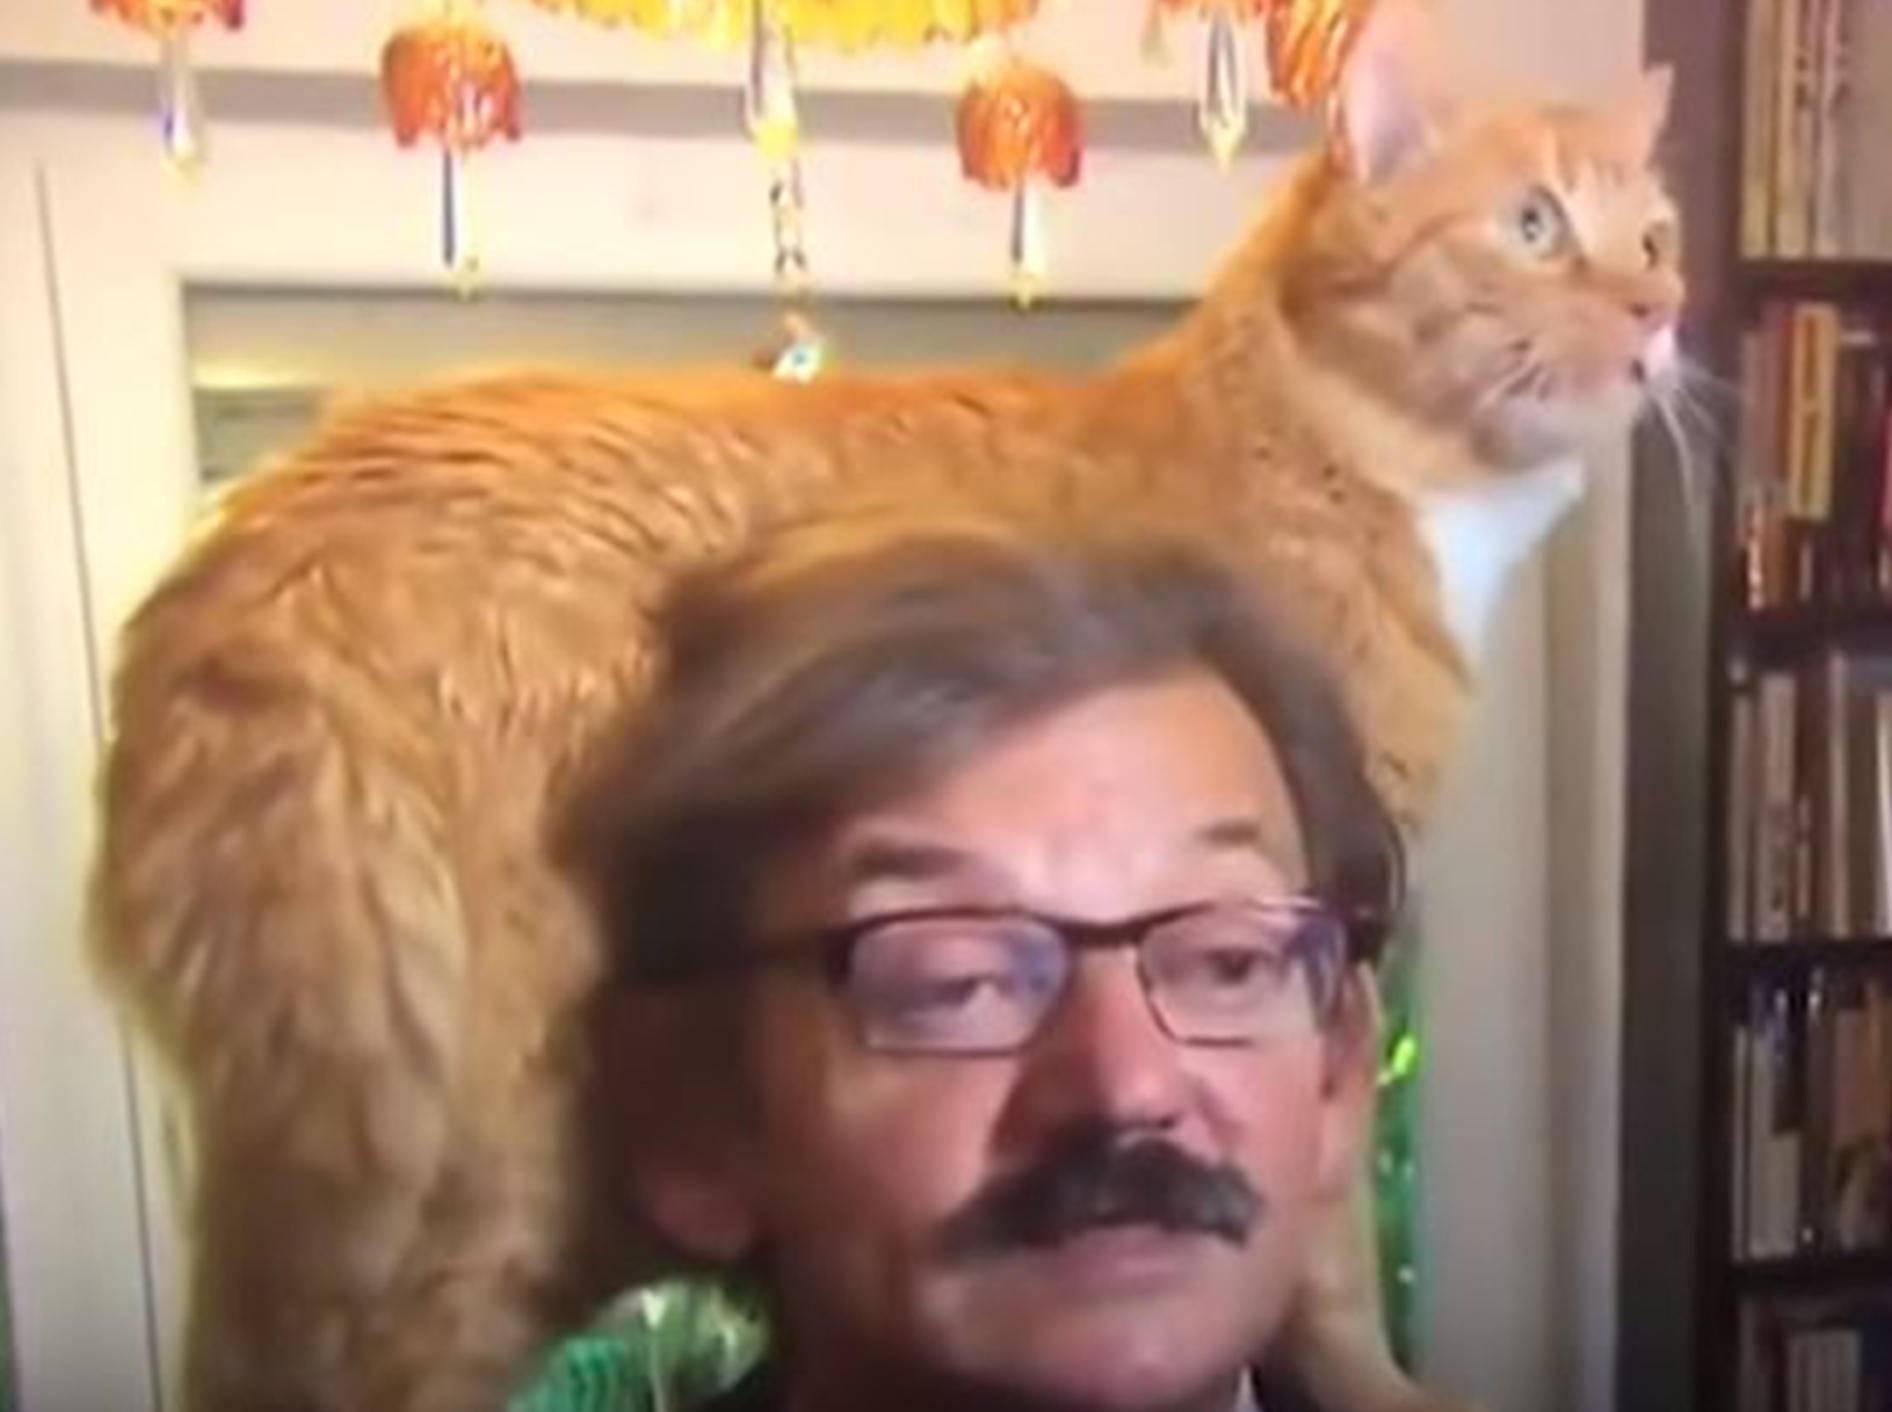 Von seiner Katze ließ sich dieser Interviewte nicht beirren - Bild: YouTube / 24 TV PROD